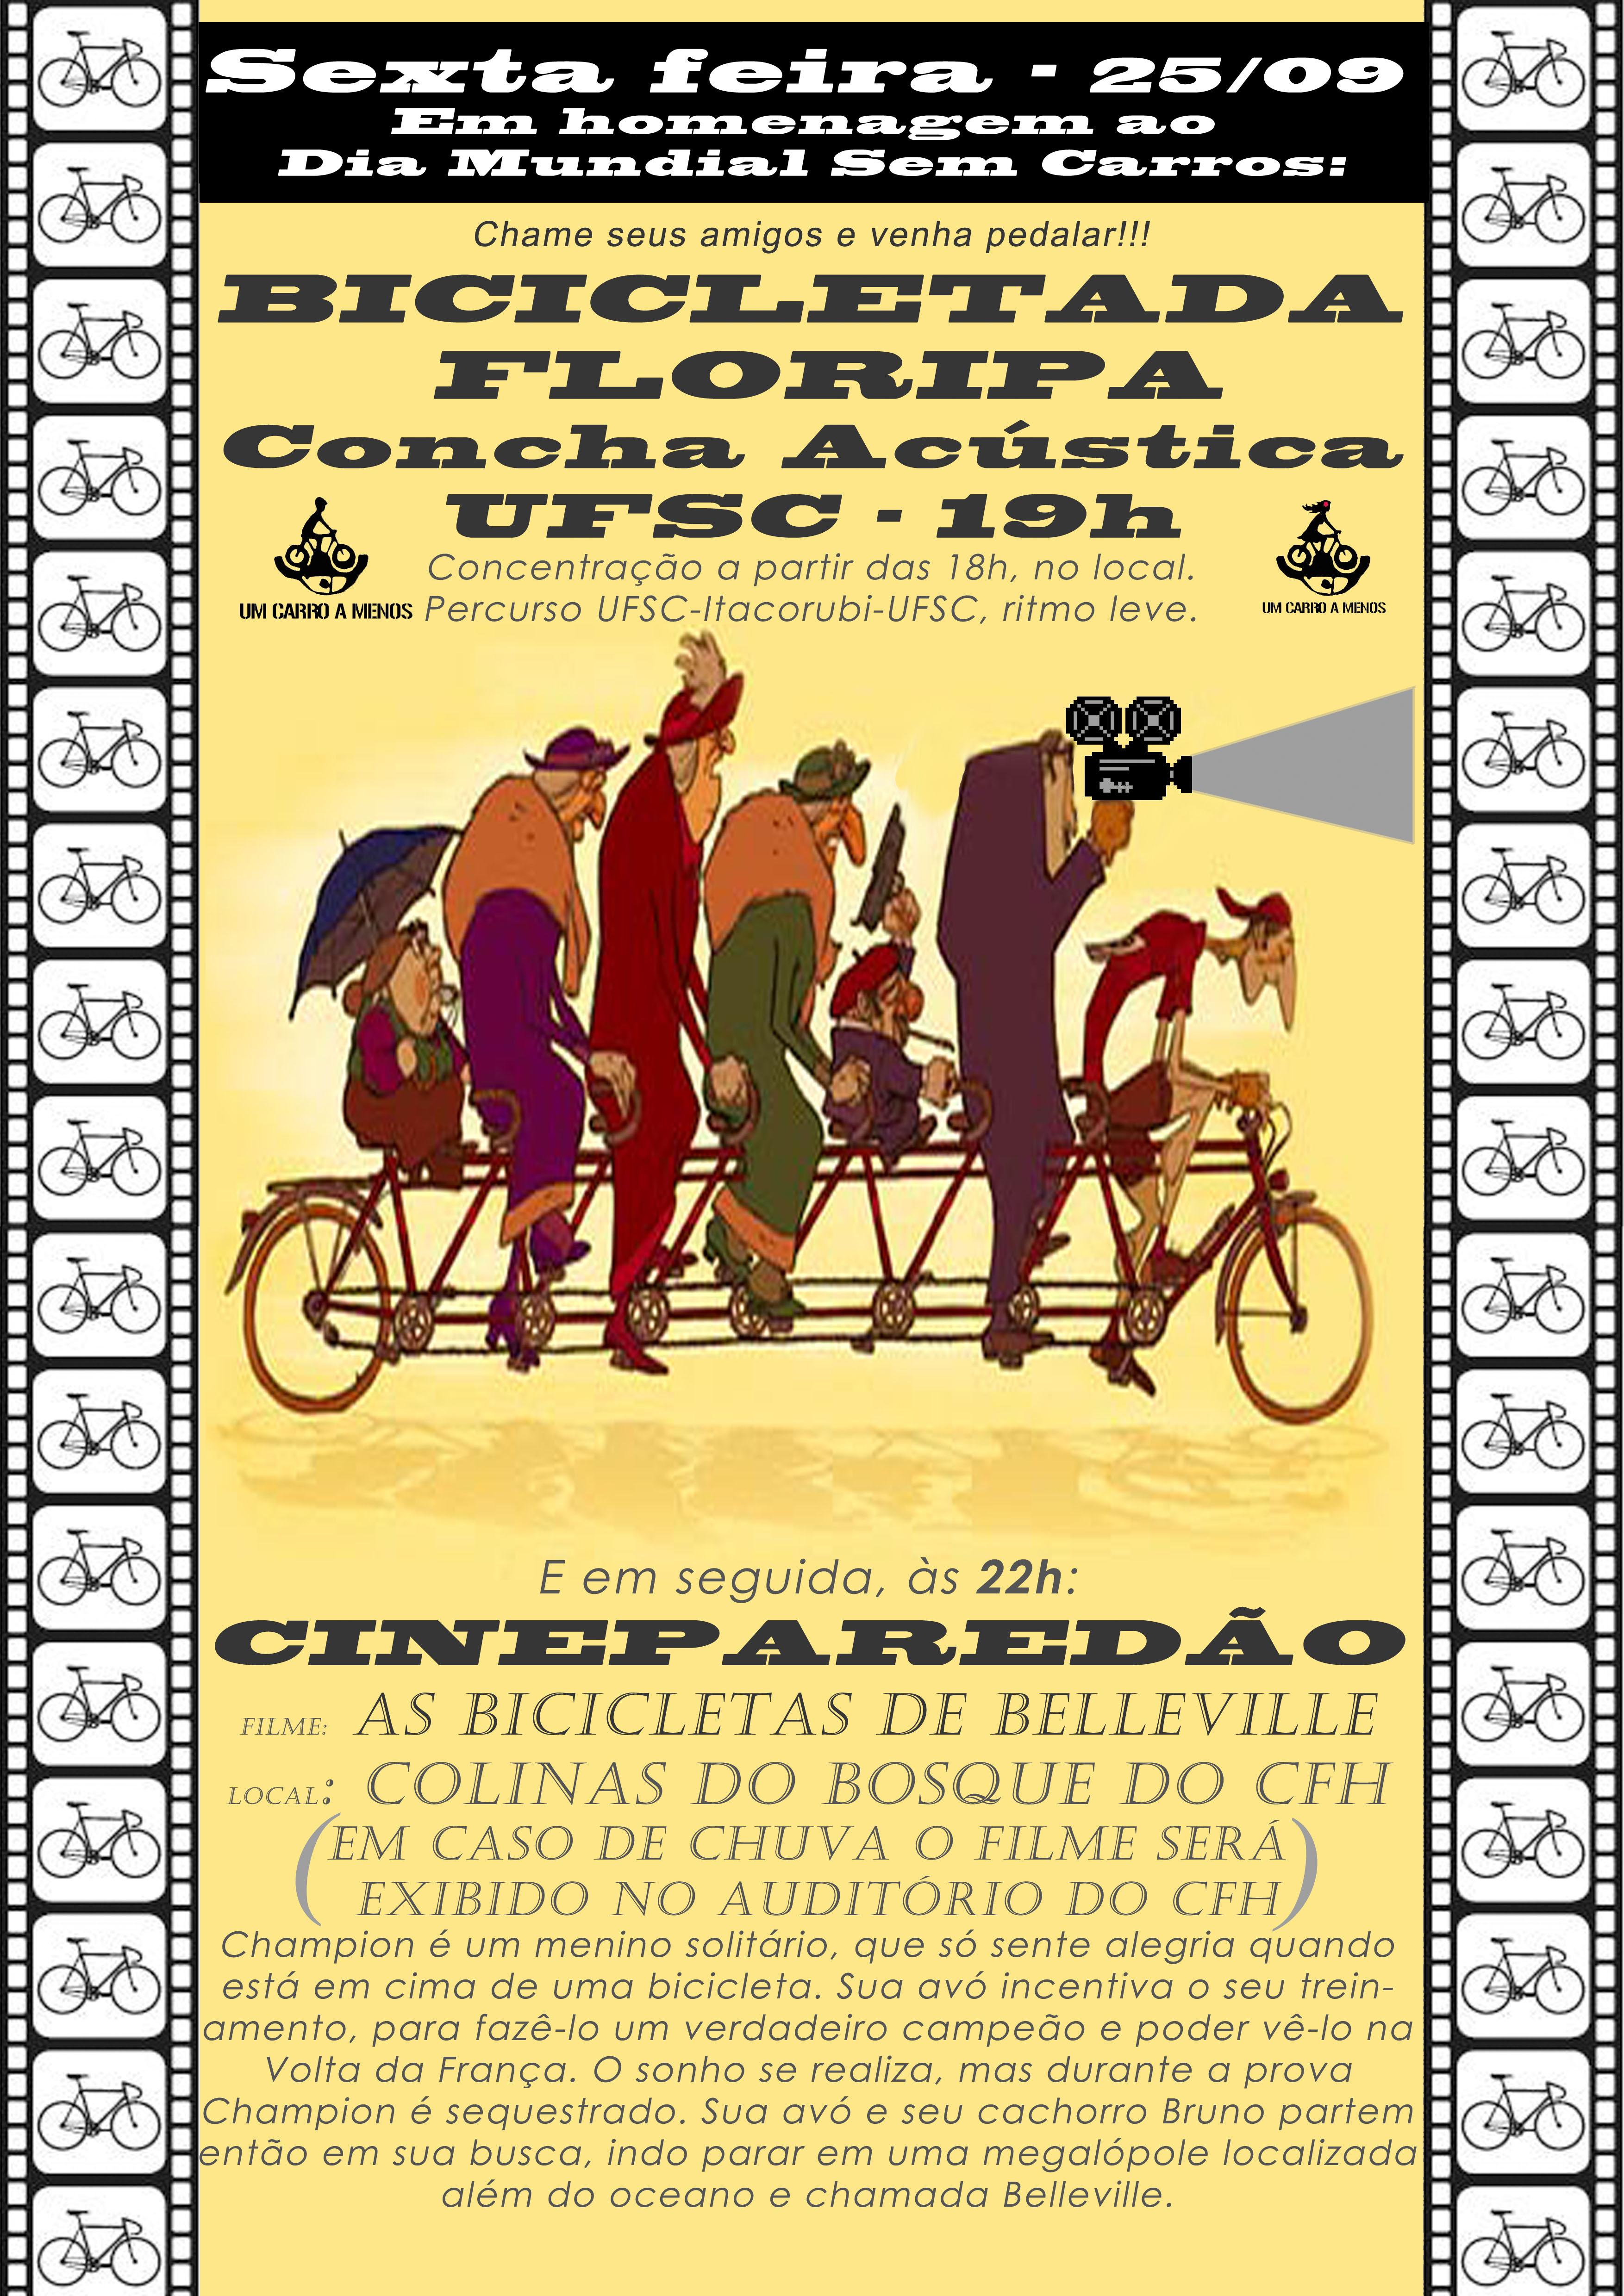 Florianópolis 2009-09-25 v2